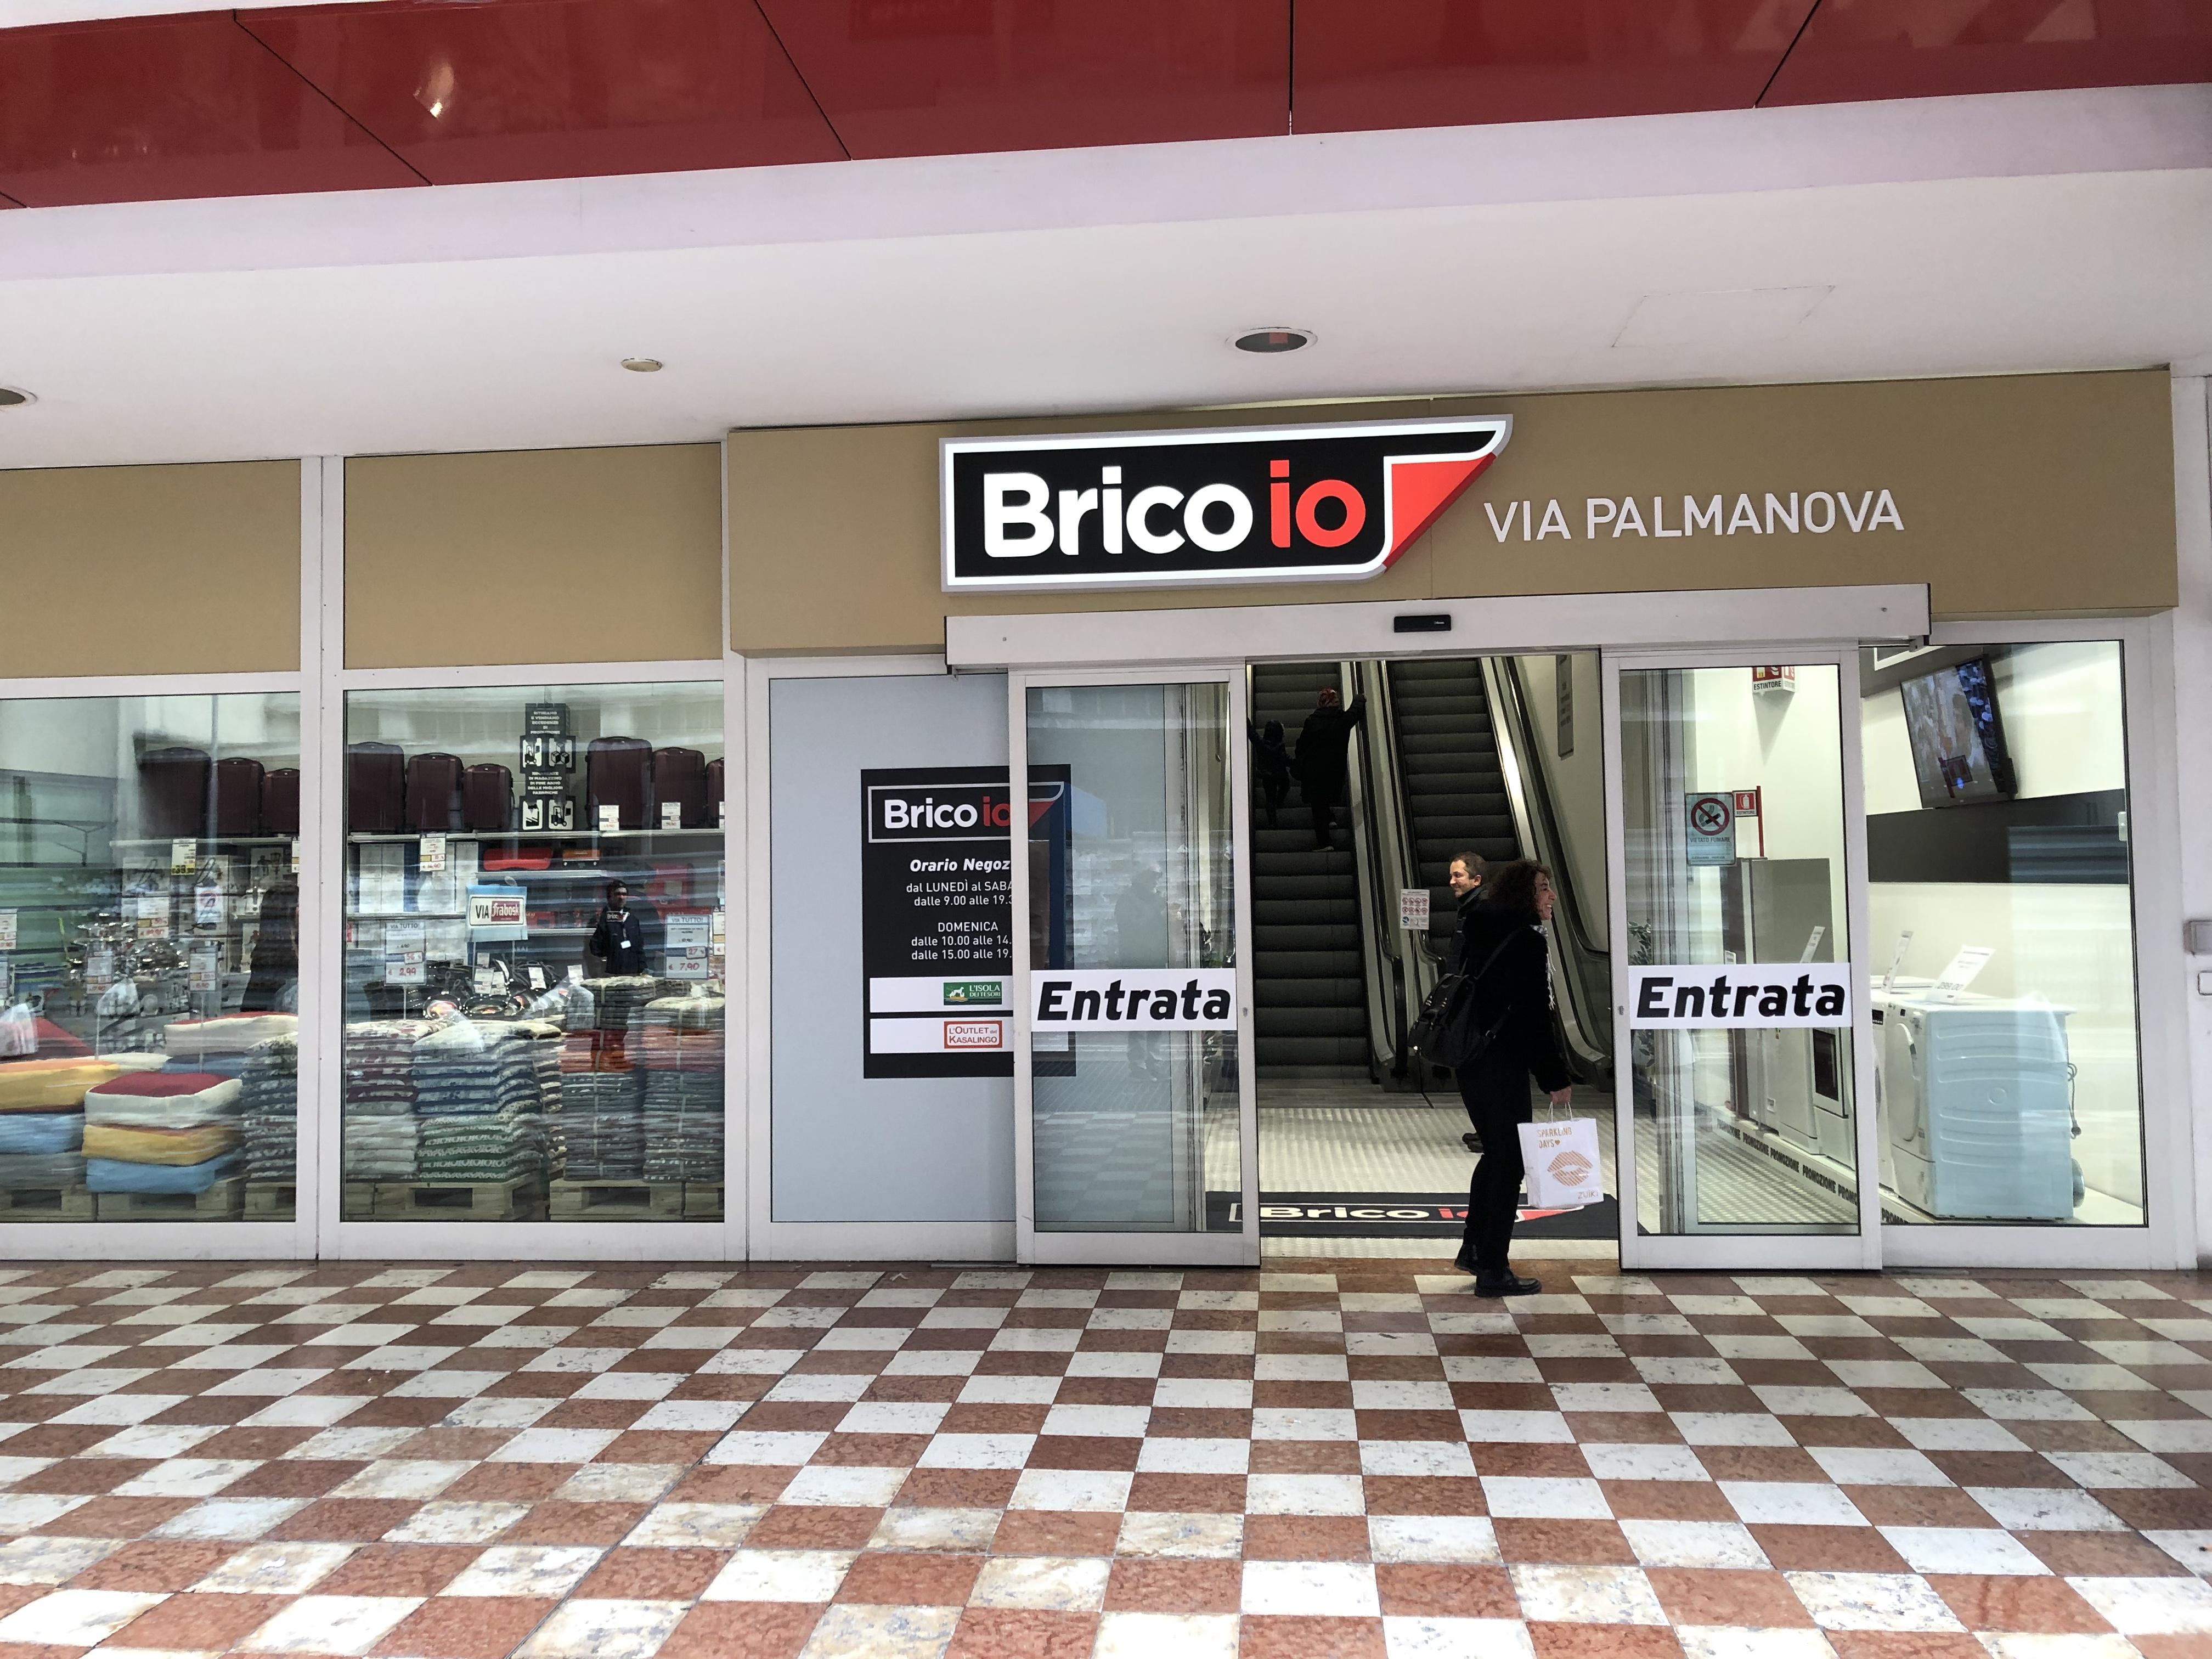 Brico io Milano Palmanova | Ten minutes DIY and Garden